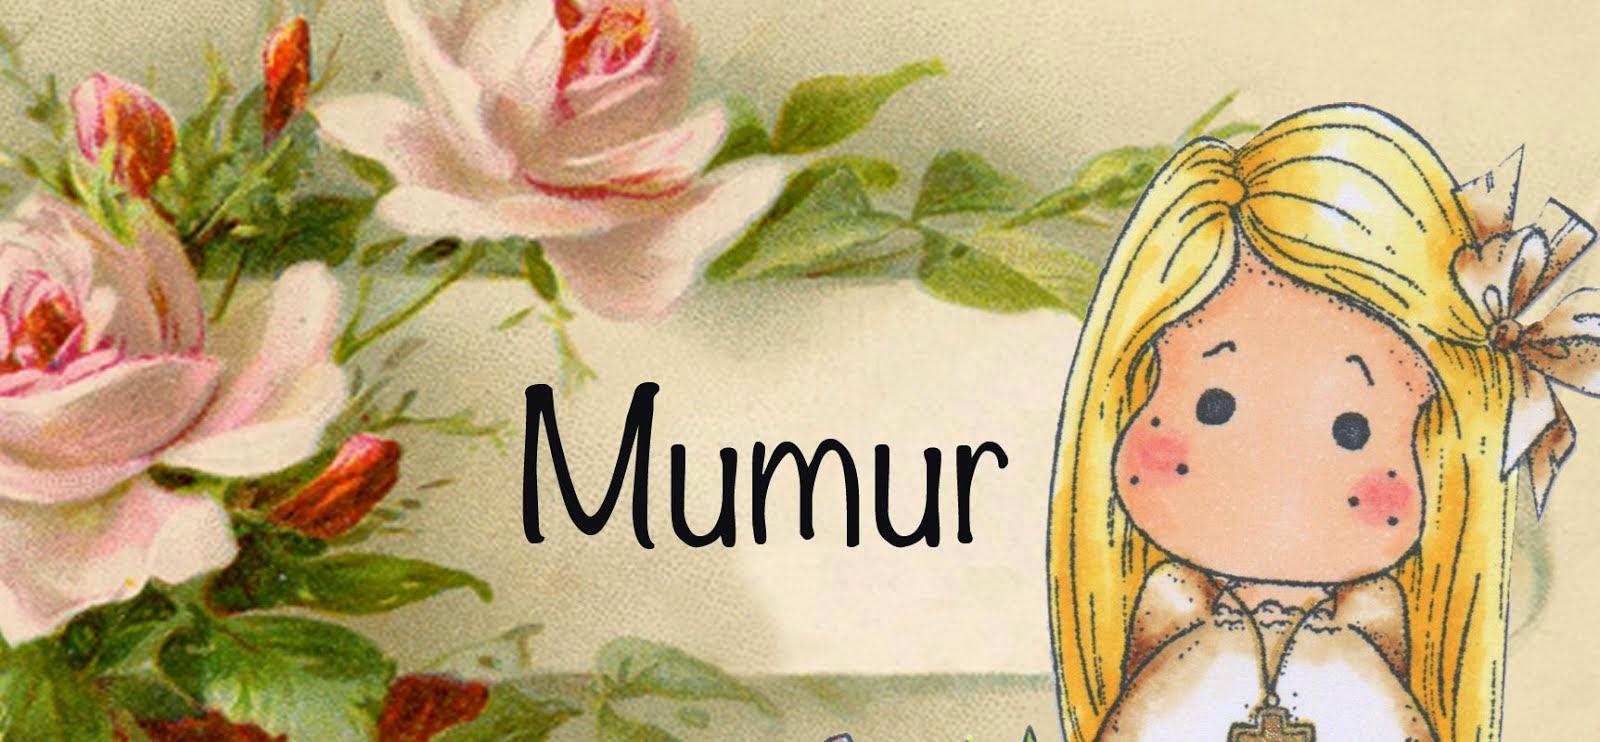 Mumur